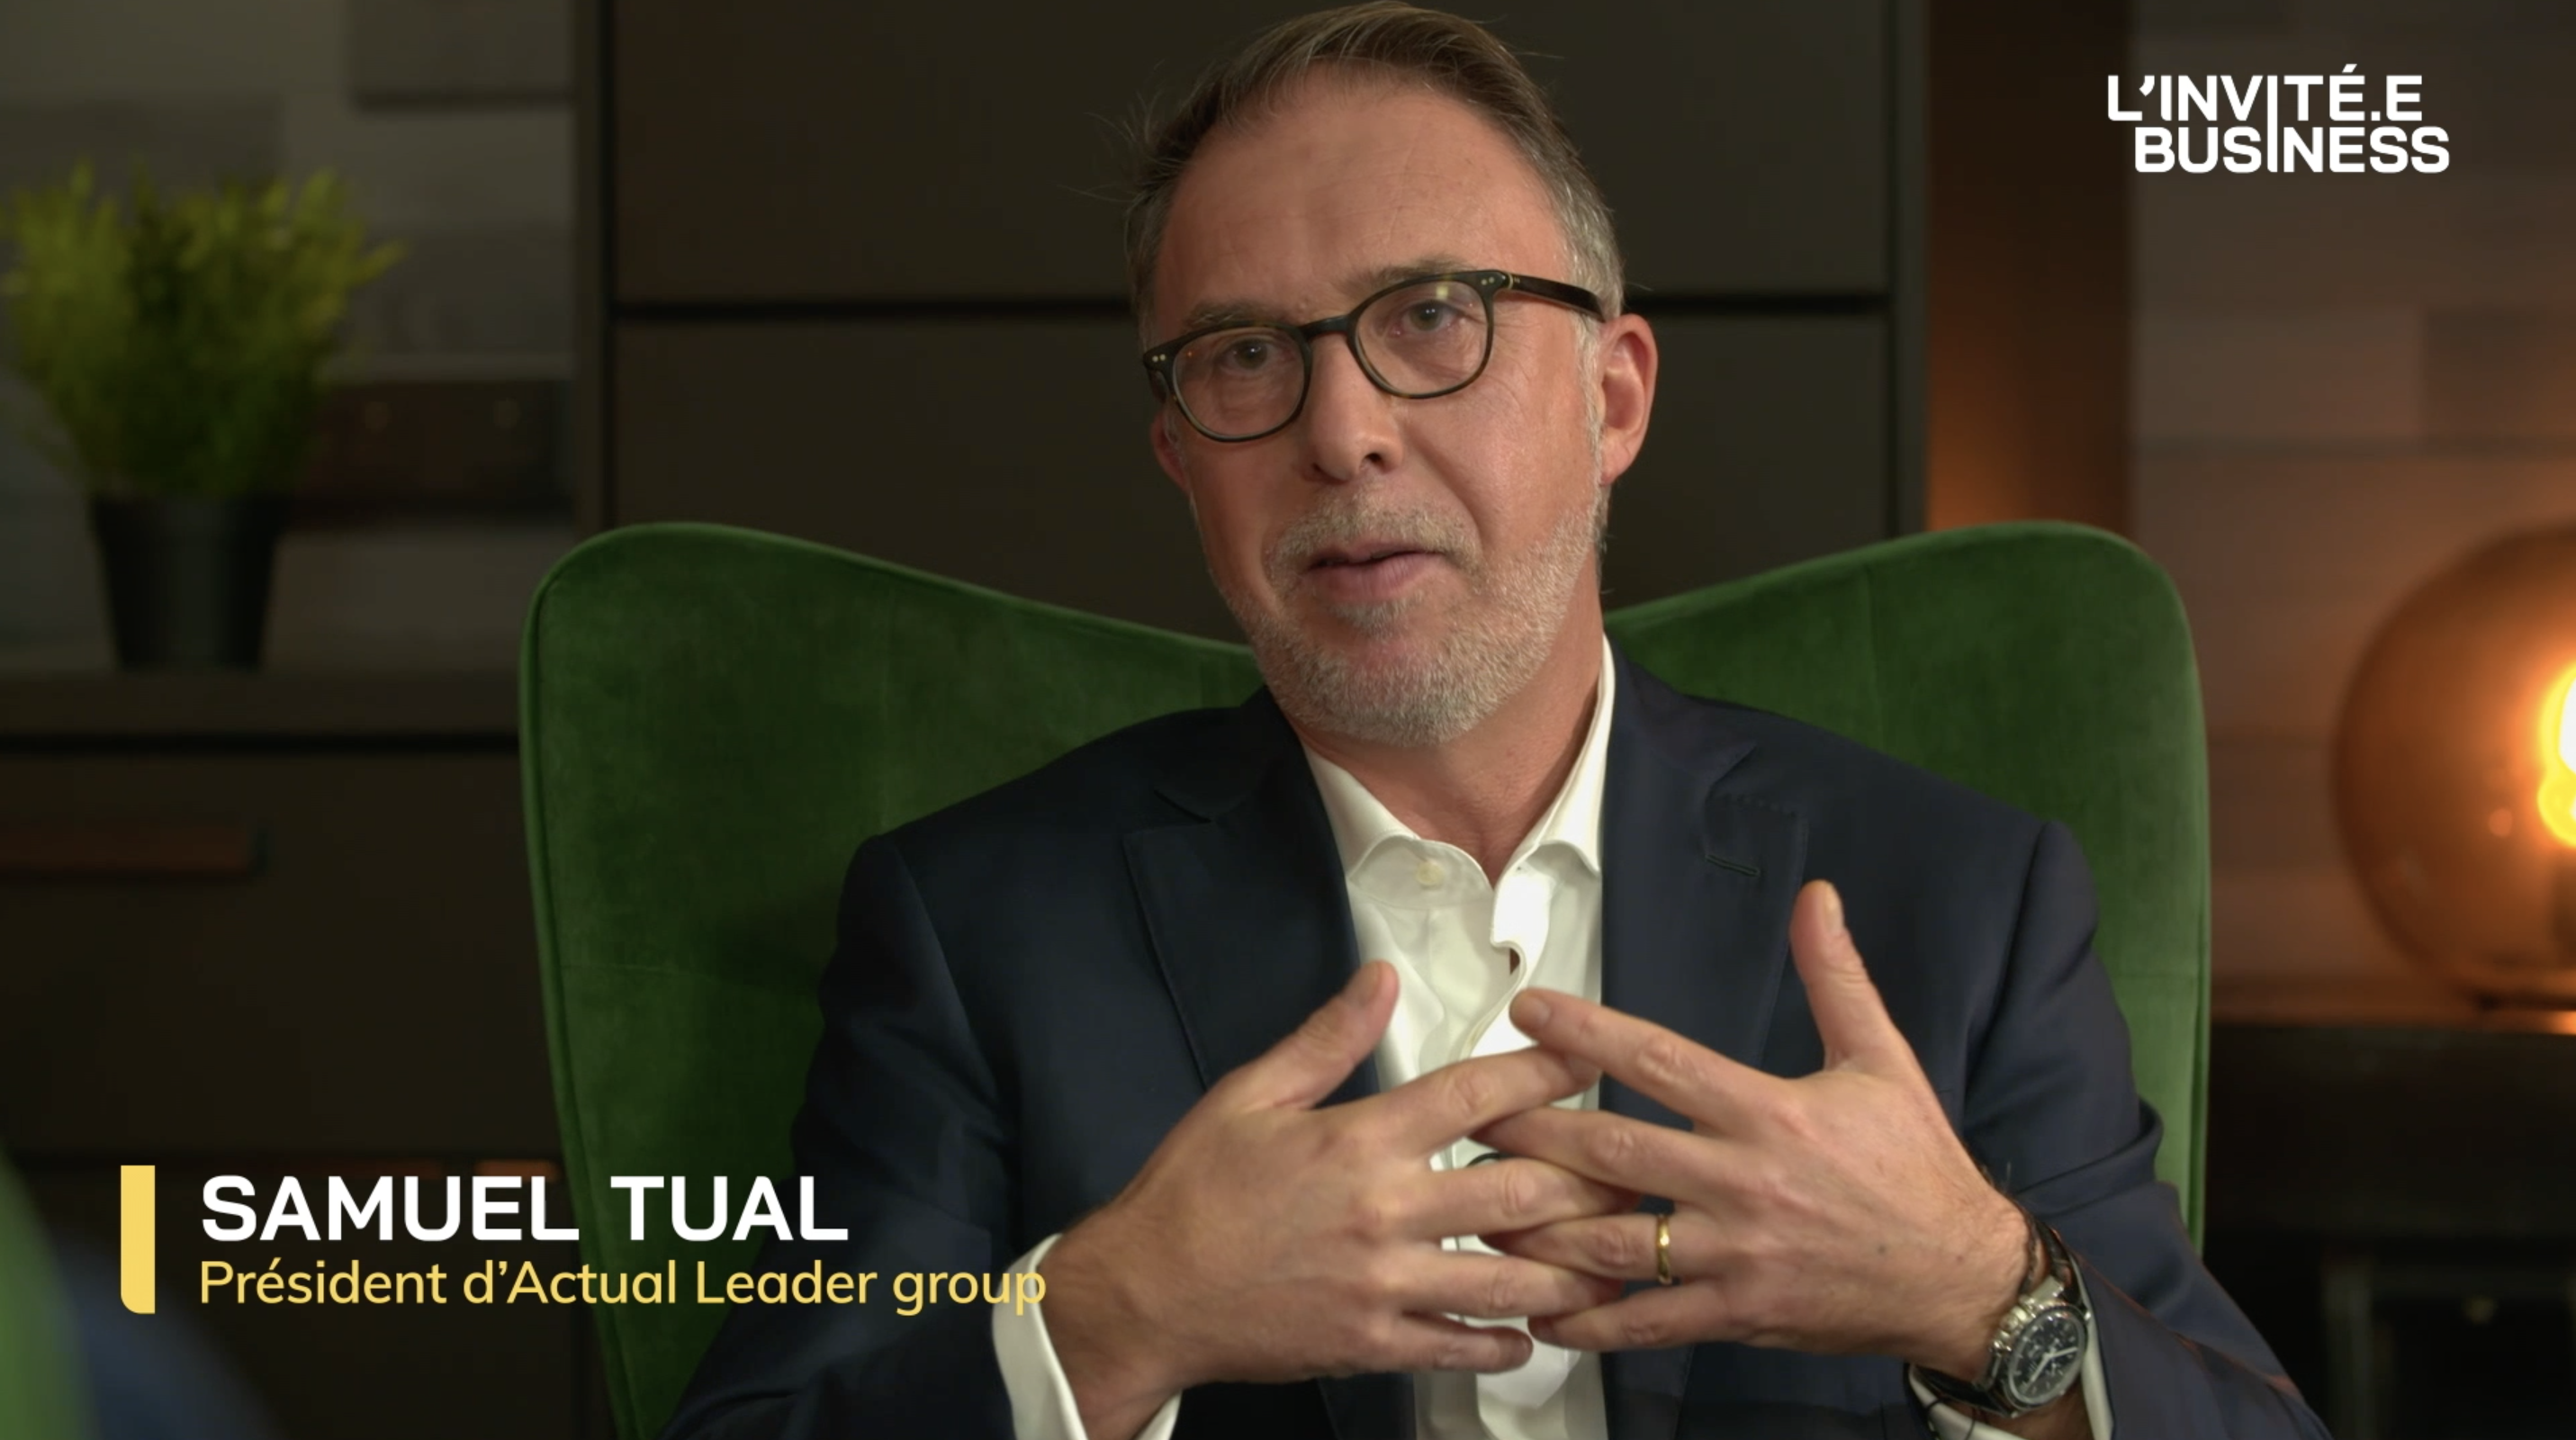 Samuel Tual, Président d'Actual Leader Group